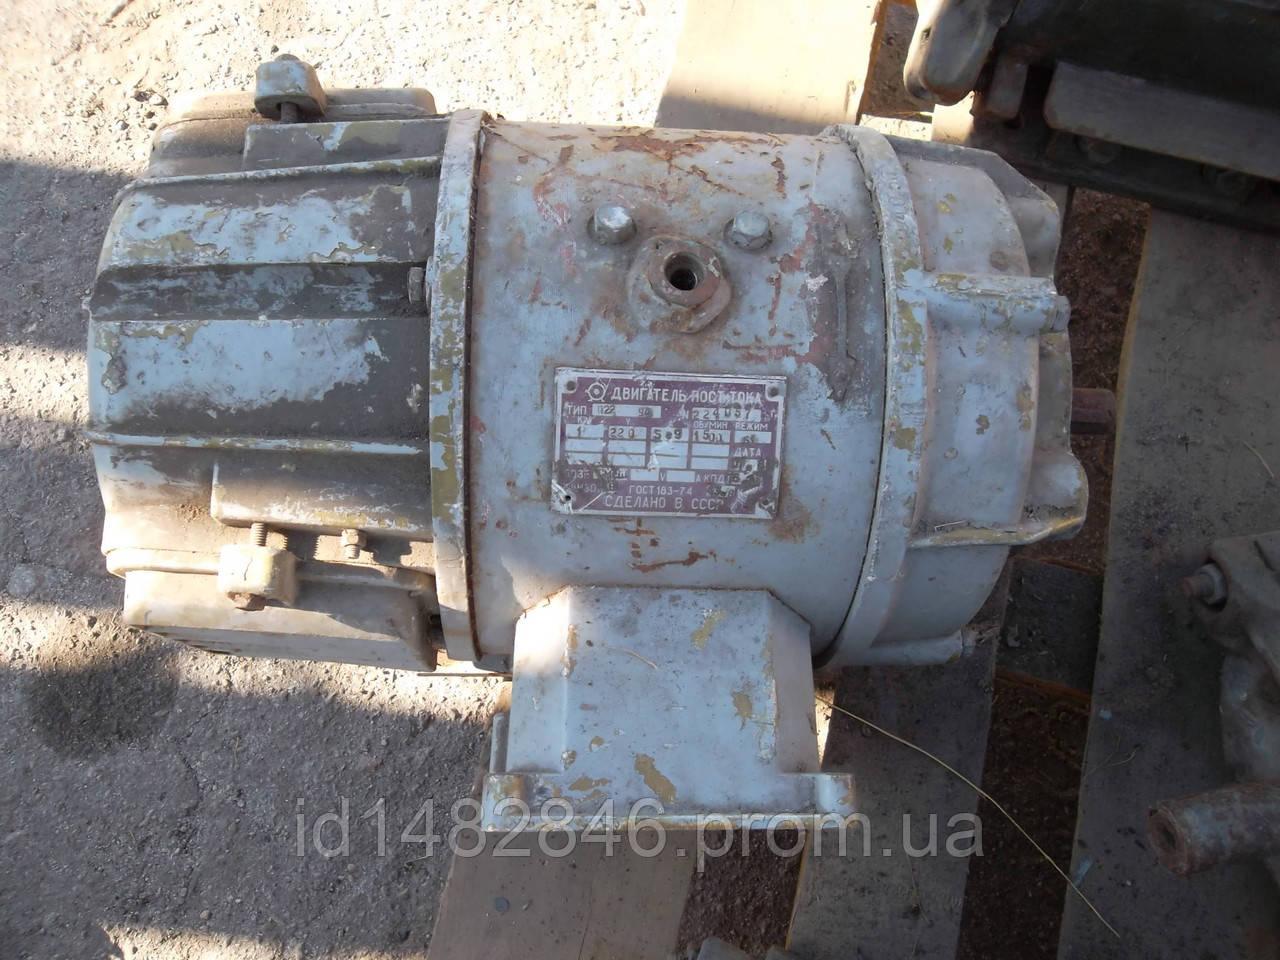 Электродвигатель П-22